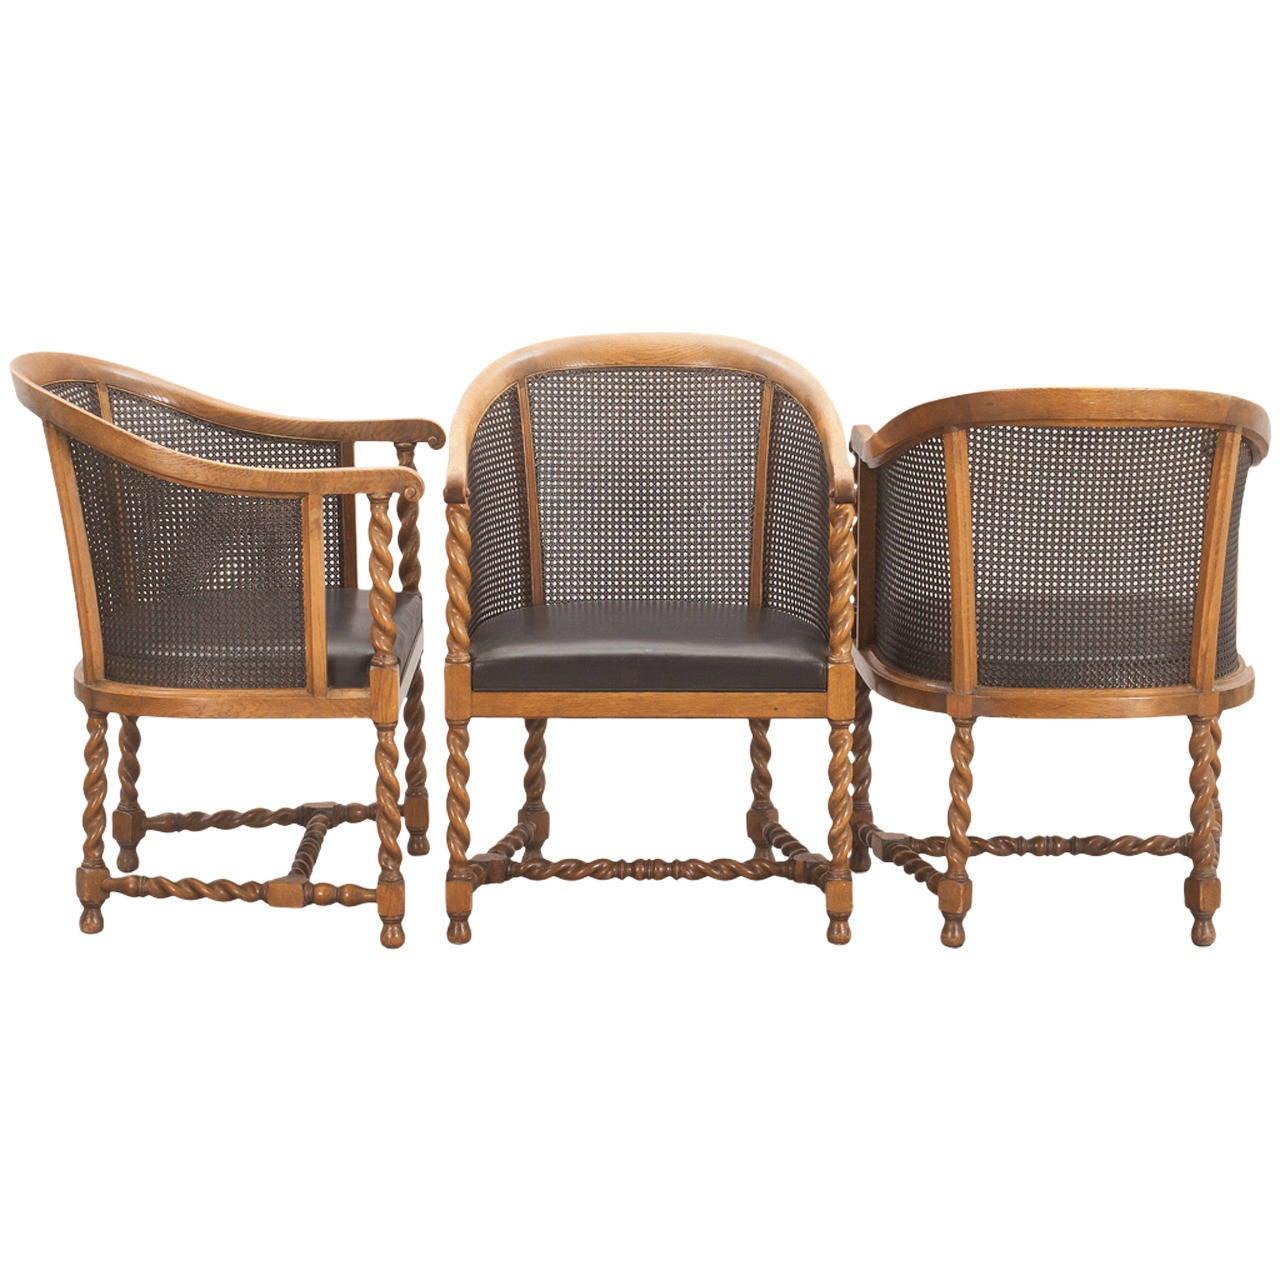 Chairs by Nordiska Kompaniet, 1926